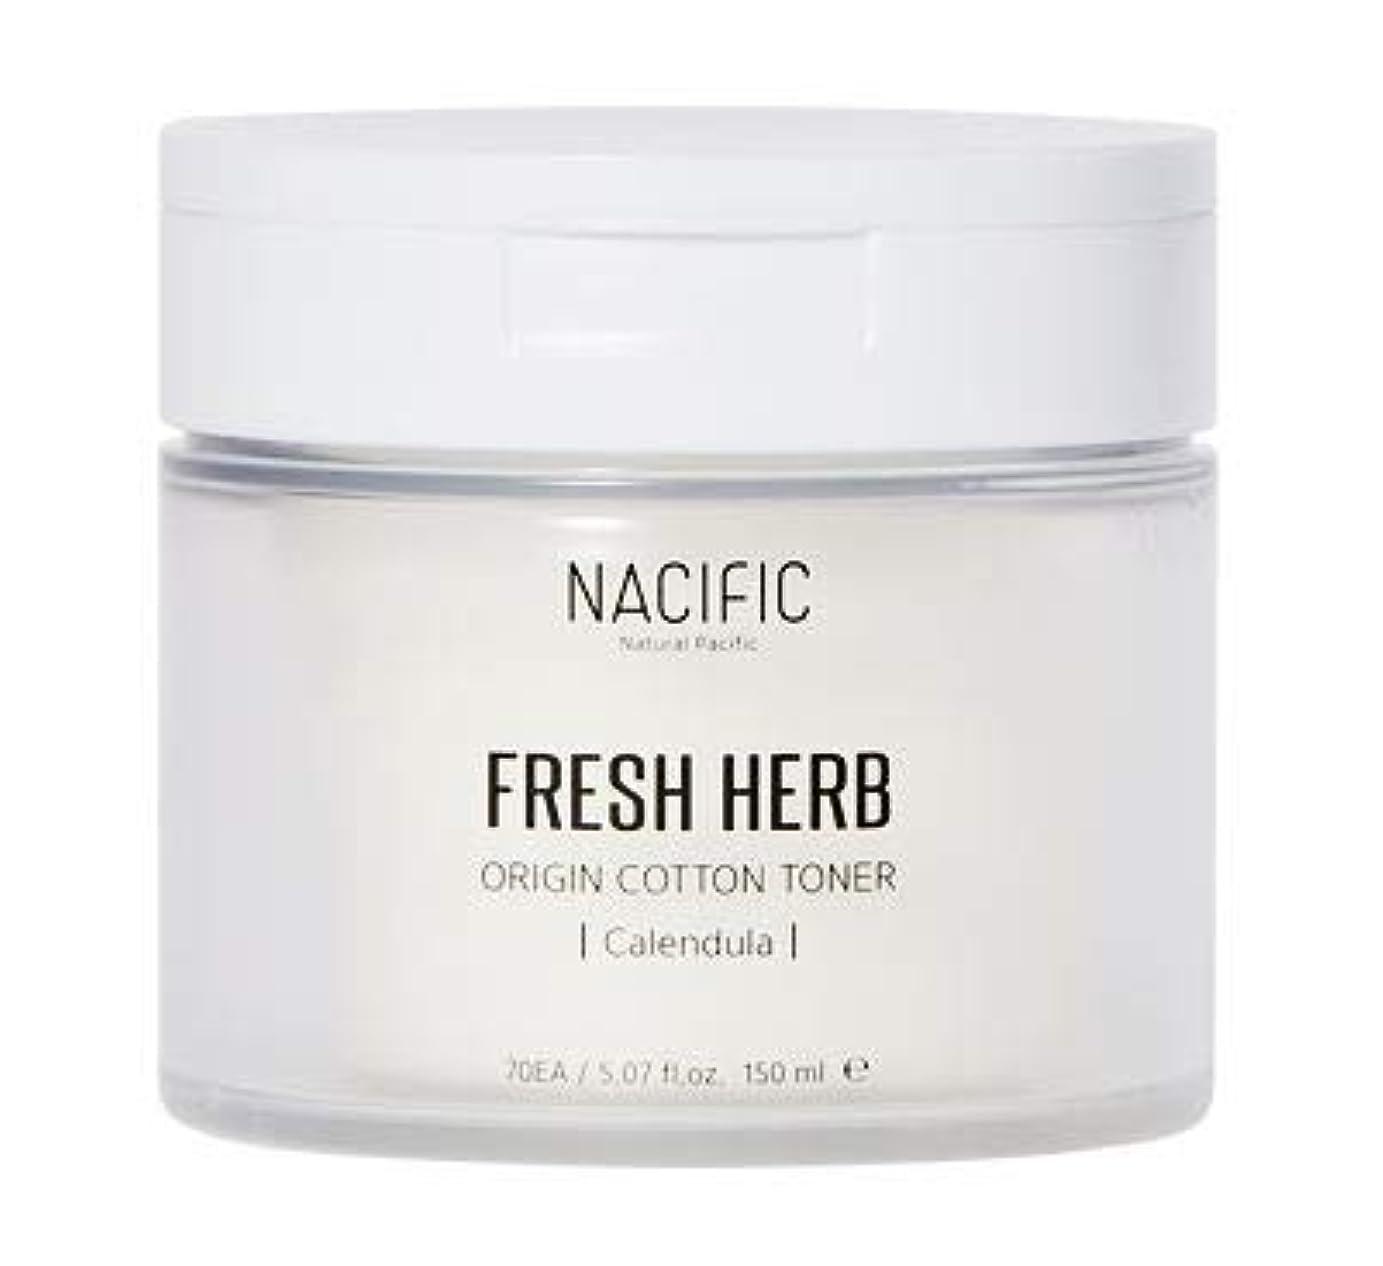 デッキ俳句エンジン[Nacific] Fresh Herb Origin Cotton Toner 150ml (Calendula) /[ナシフィック] フレッシュ ハーブ オリジン コットン トナー (カレンデュラ)150ml [並行輸入品]